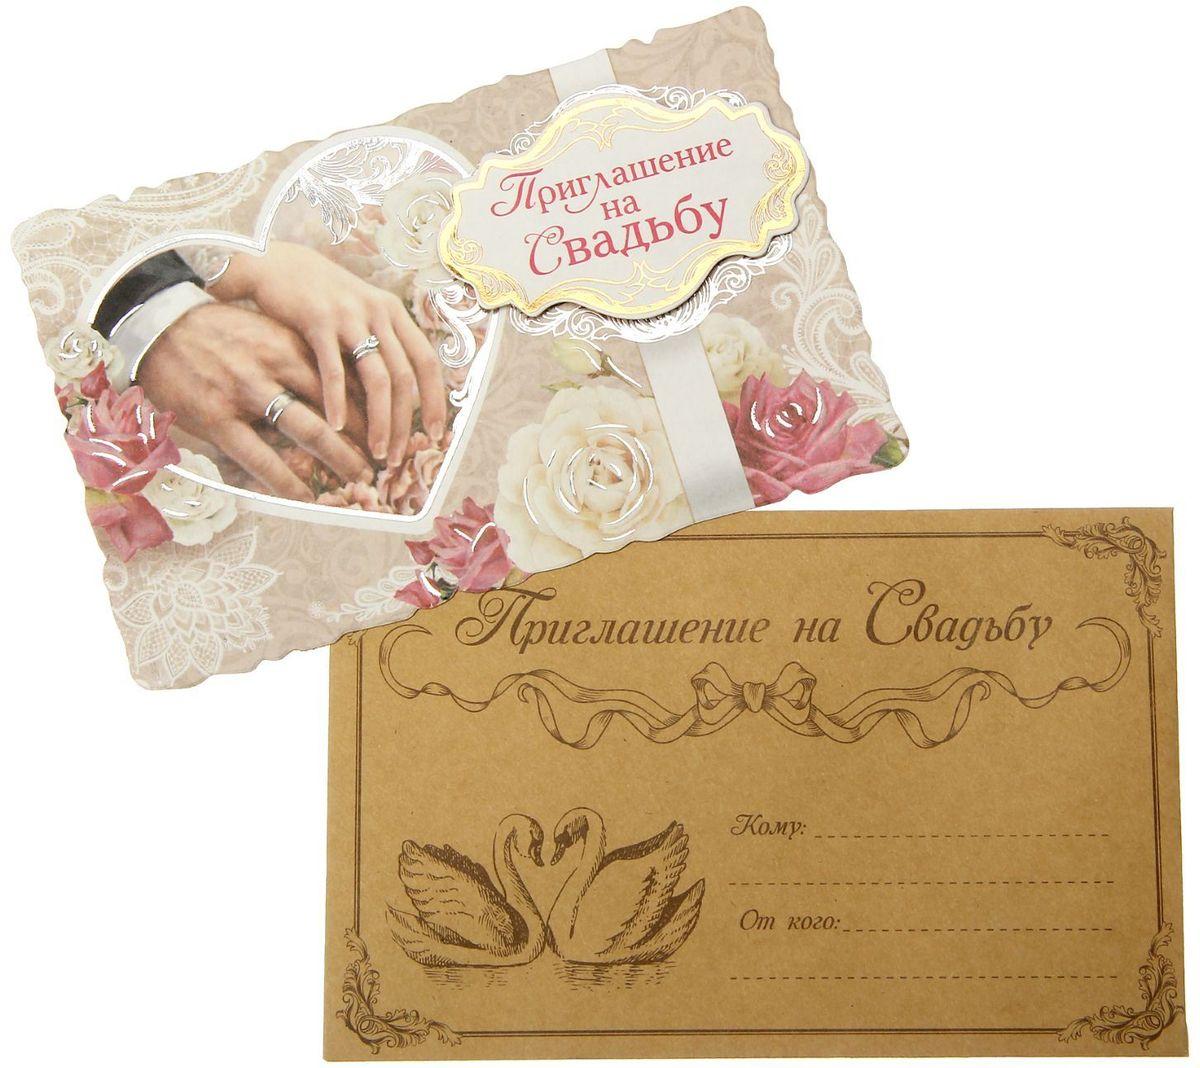 Приглашение на свадьбу Разделите счастье с нами. Руки, 13,5 х 8,6 см1233180У вас намечается свадьба? Поздравляем от всей души!Когда дата и время бракосочетания уже известны, и вы определились со списком гостей, необходимо оповестить их о предстоящем празднике. Существует традиция делать персональные приглашения с указанием времени и даты мероприятия. Но перед свадьбой столько всего надо успеть, что на изготовление десятков открыток просто не остаётся времени. В этом случае вам придёт на помощь разработанное нашими дизайнерами приглашение на свадьбу . на обратной стороне расположен текст со свободными полями для имени адресата, времени, даты и адреса проведения мероприятия. Мы продумали все детали, вам остаётся только заполнить необходимые строки и раздать приглашения гостям.Устройте себе незабываемую свадьбу!